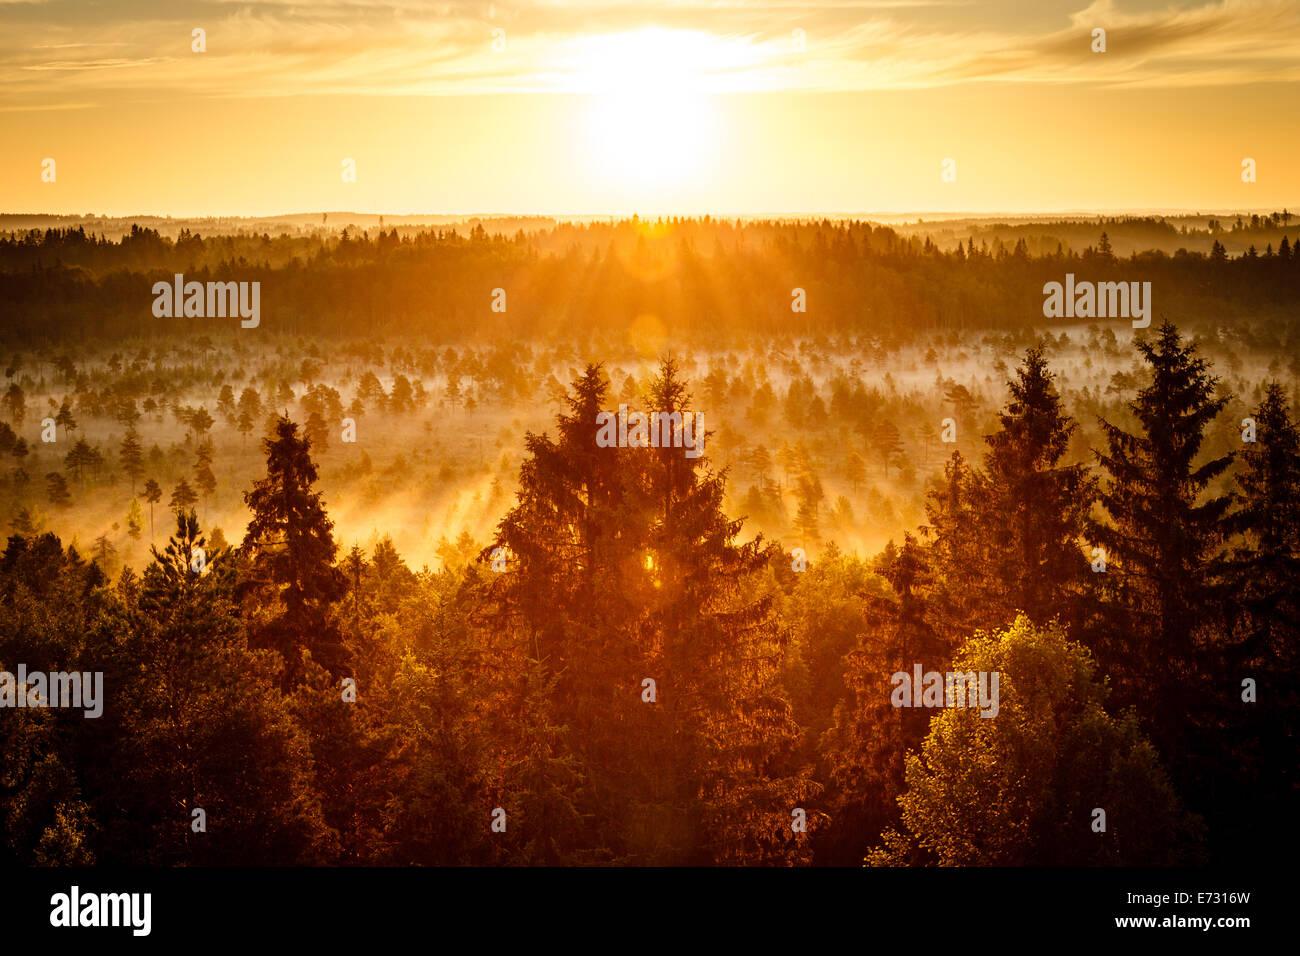 Il sorgere del sole su un inizio di mattina presso la palude Torronsuo in Finlandia. Il sole splende luminoso all'ora Immagini Stock